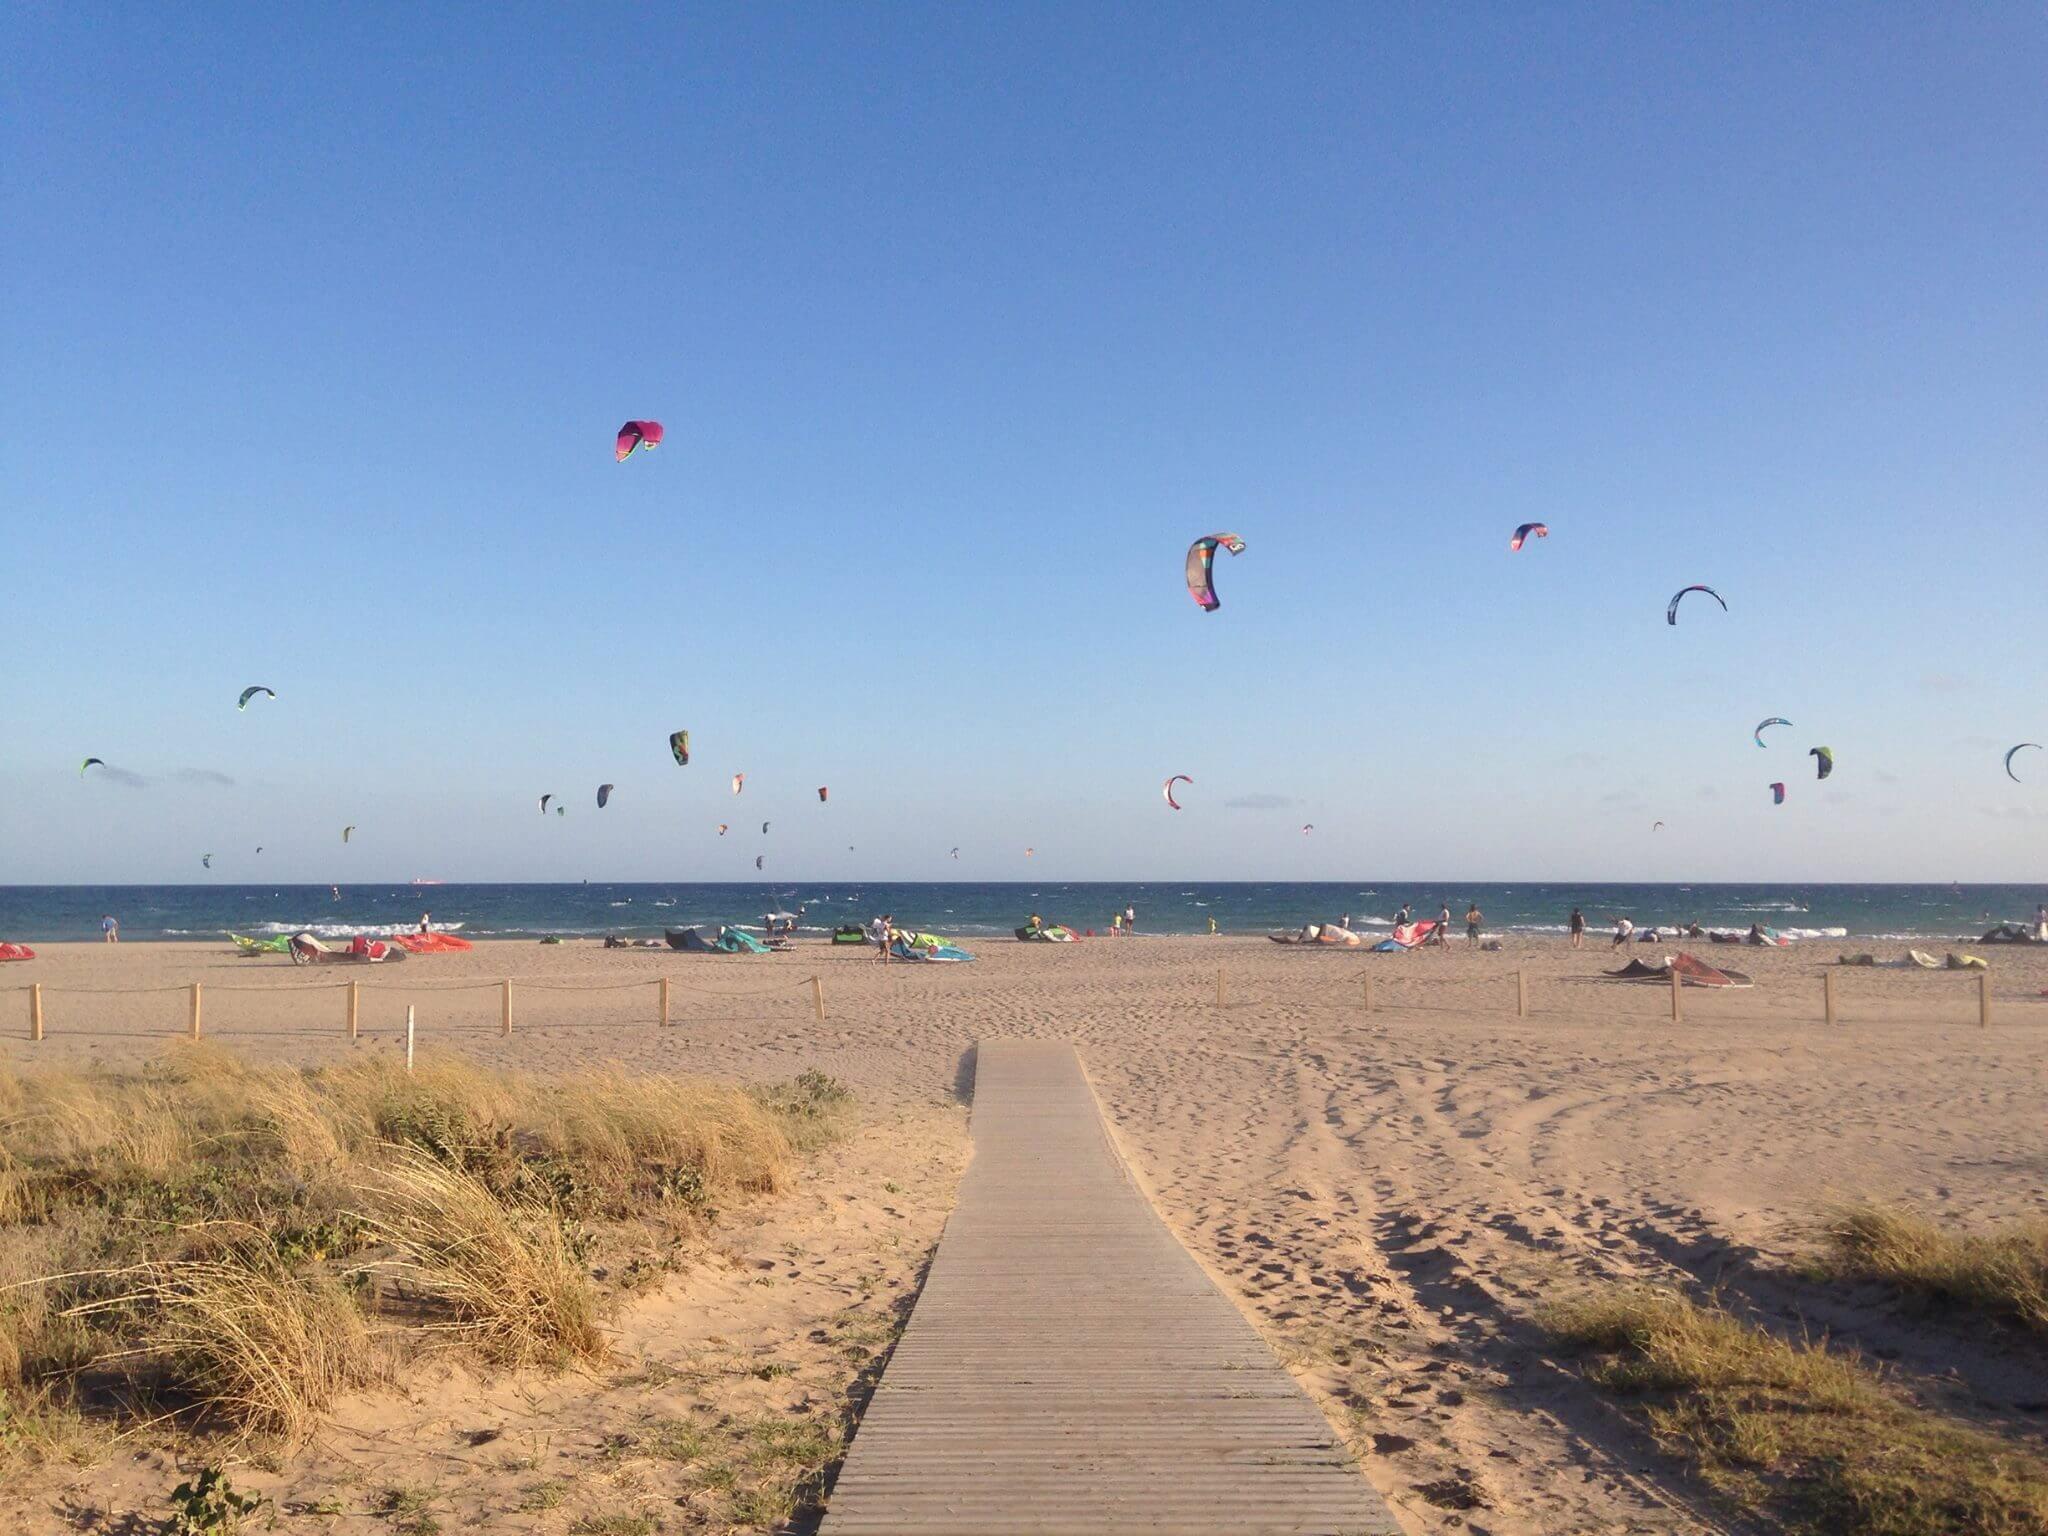 spot-kitesurf-castelldefels-bunker-buscokite-8